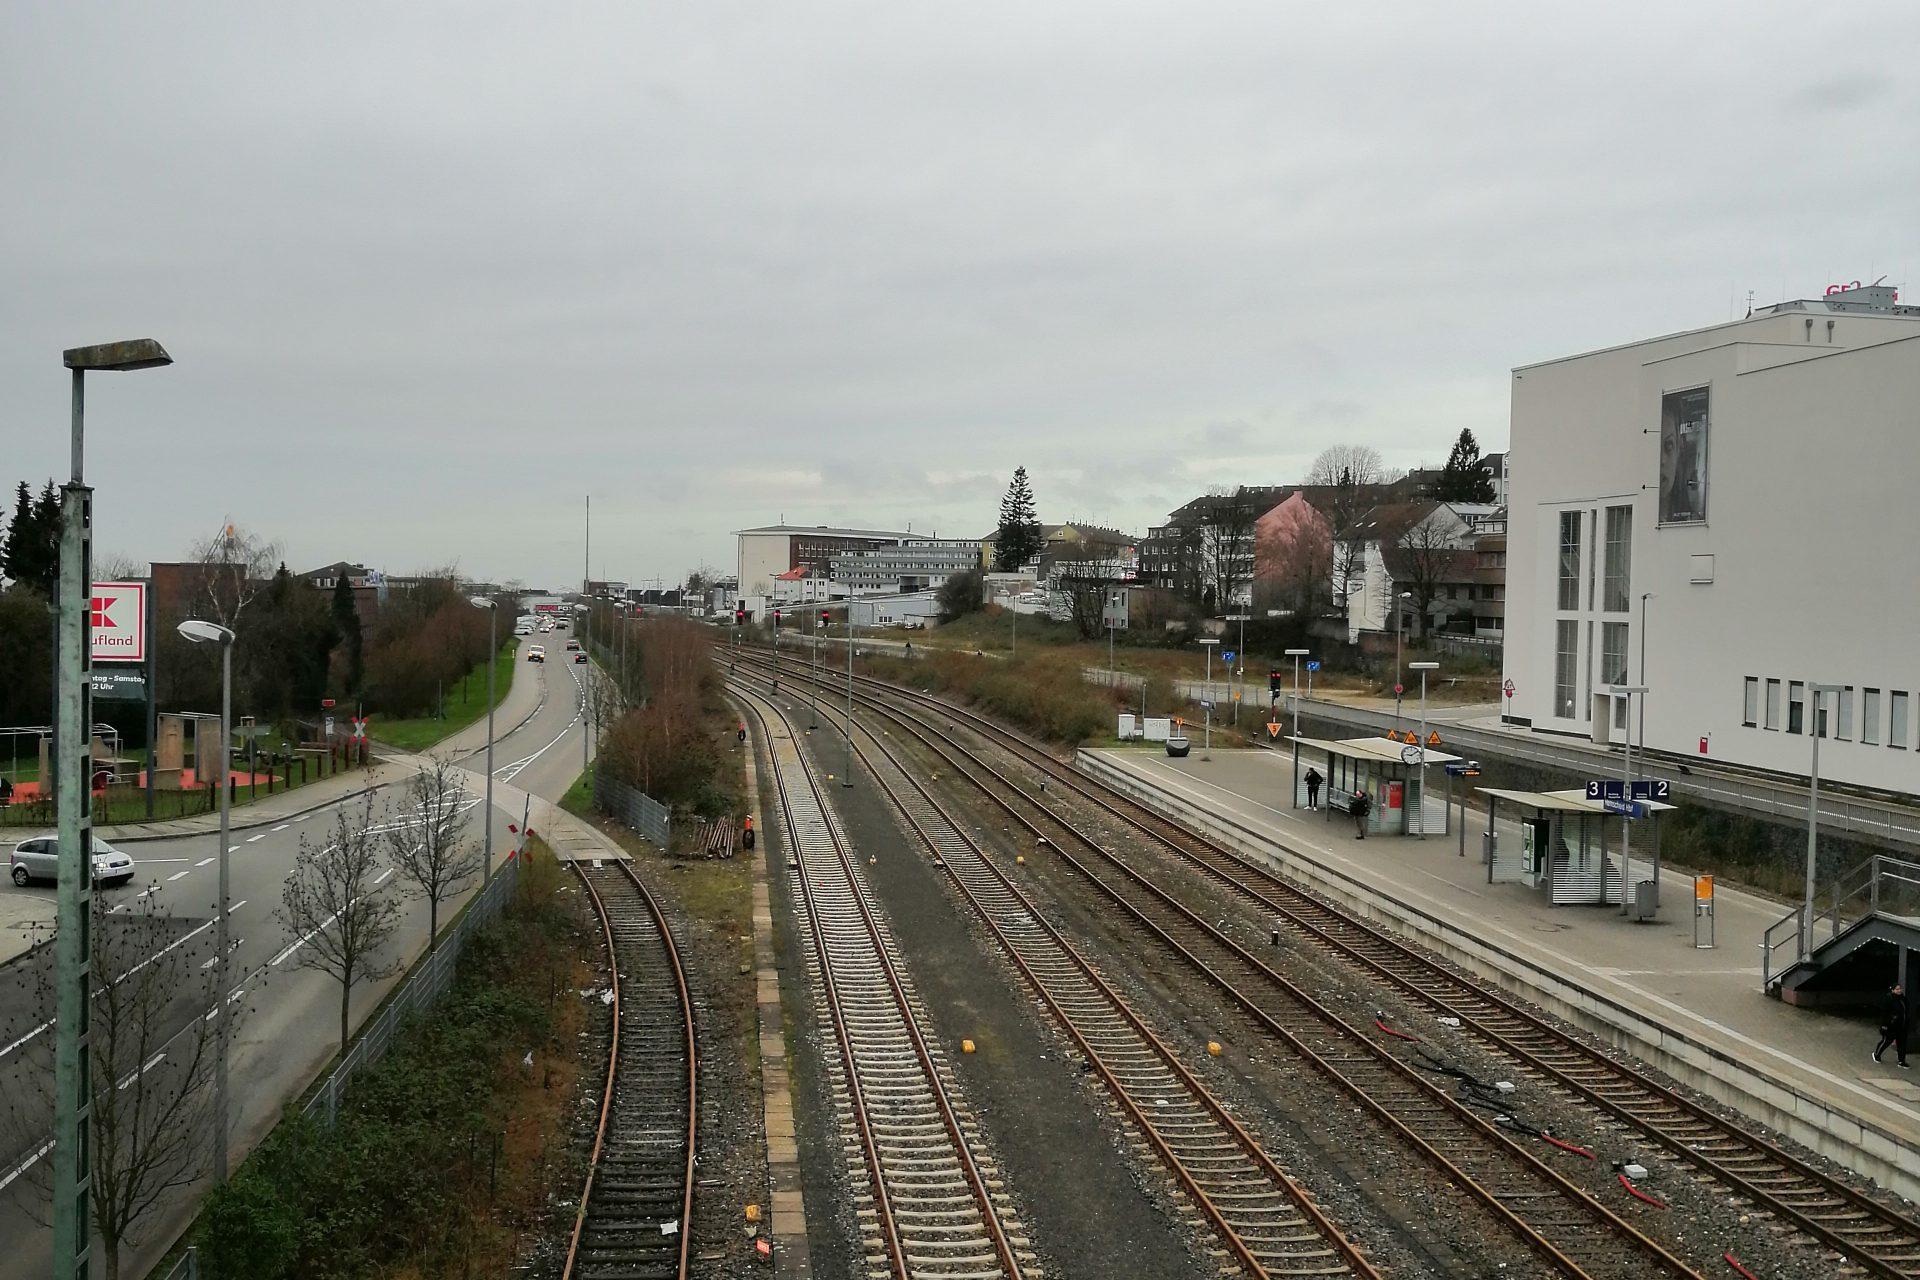 Sachstandsbericht zu Bemühungen des VRR für schnellere Anbindungen Remscheids an die Metropolen Köln, Düsseldorf und Ruhrgebiet